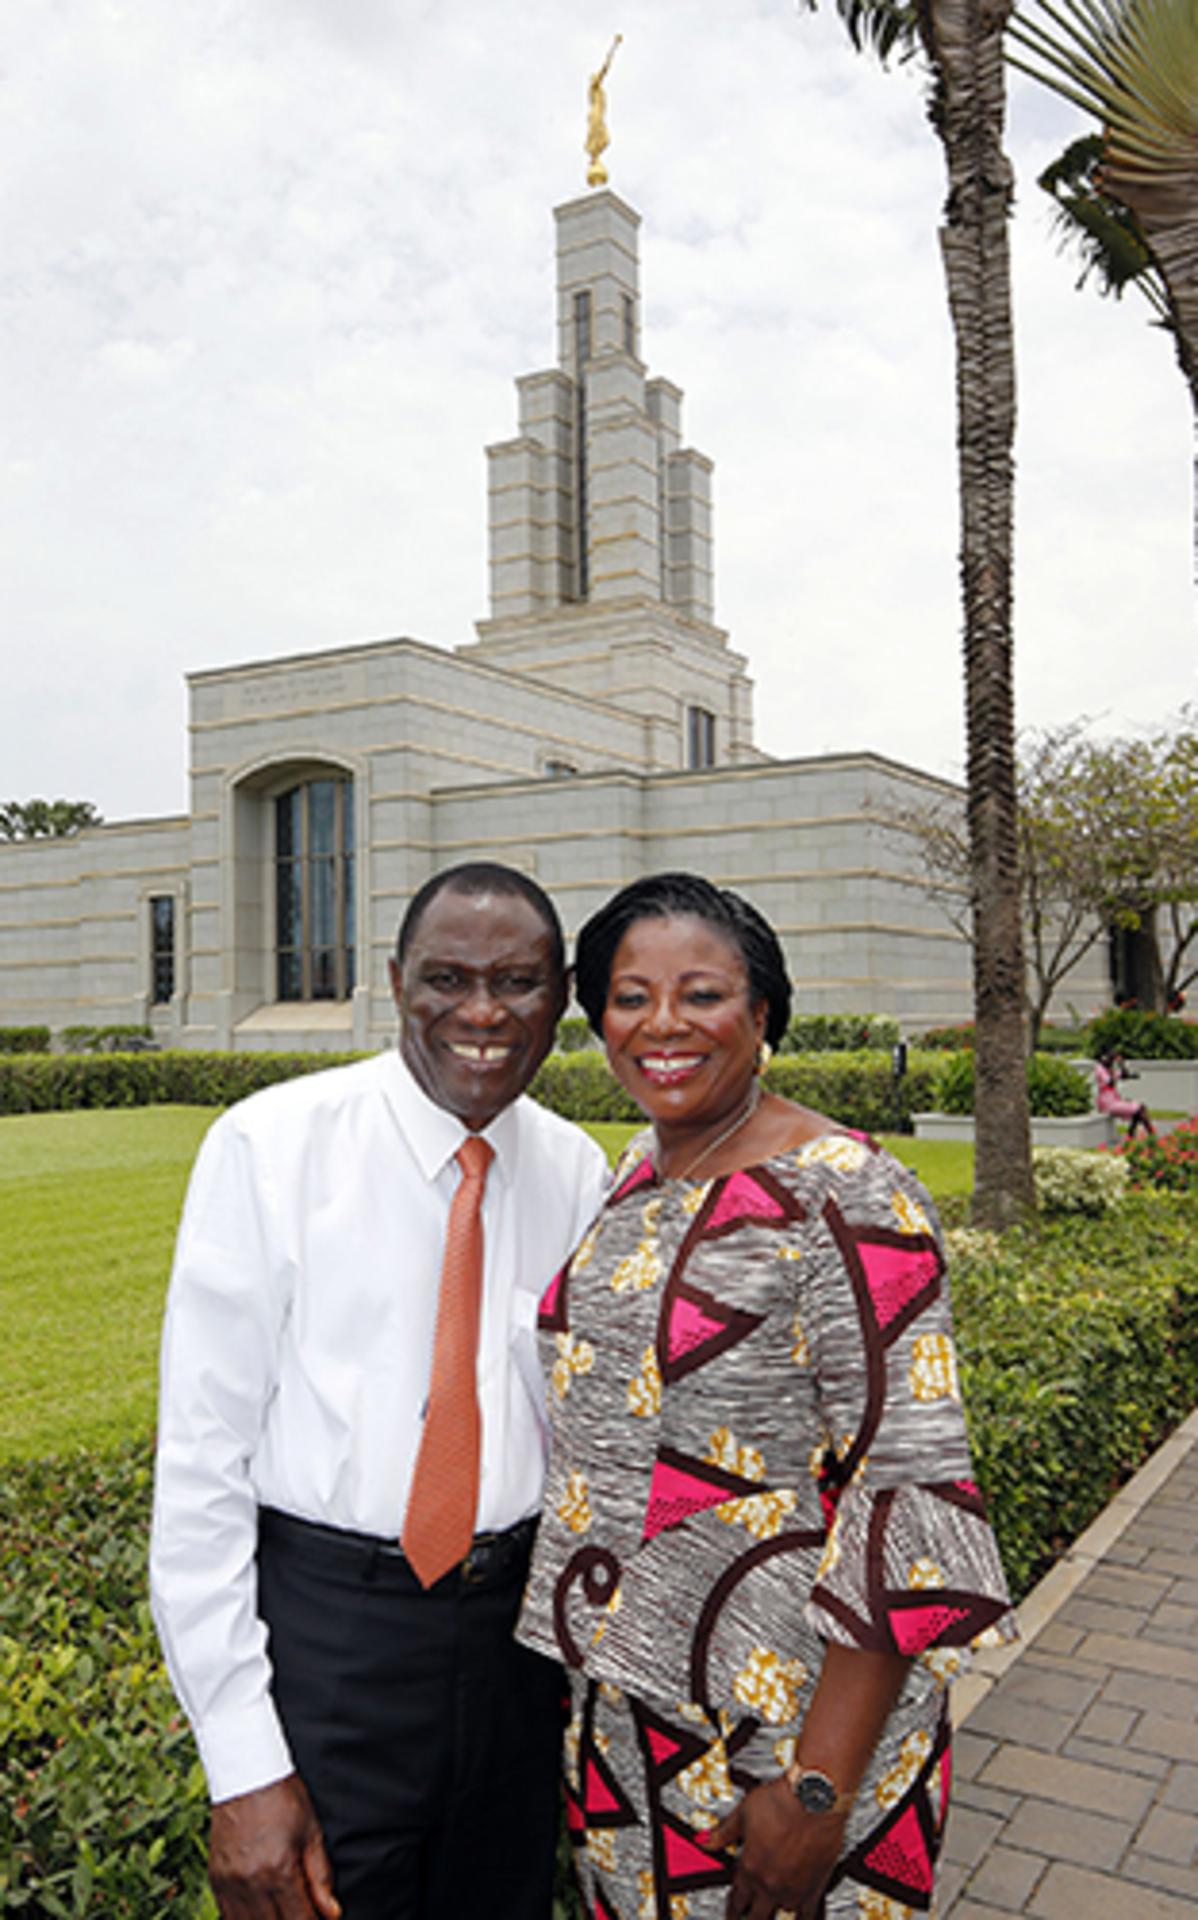 Elder and Sister Ahadjie